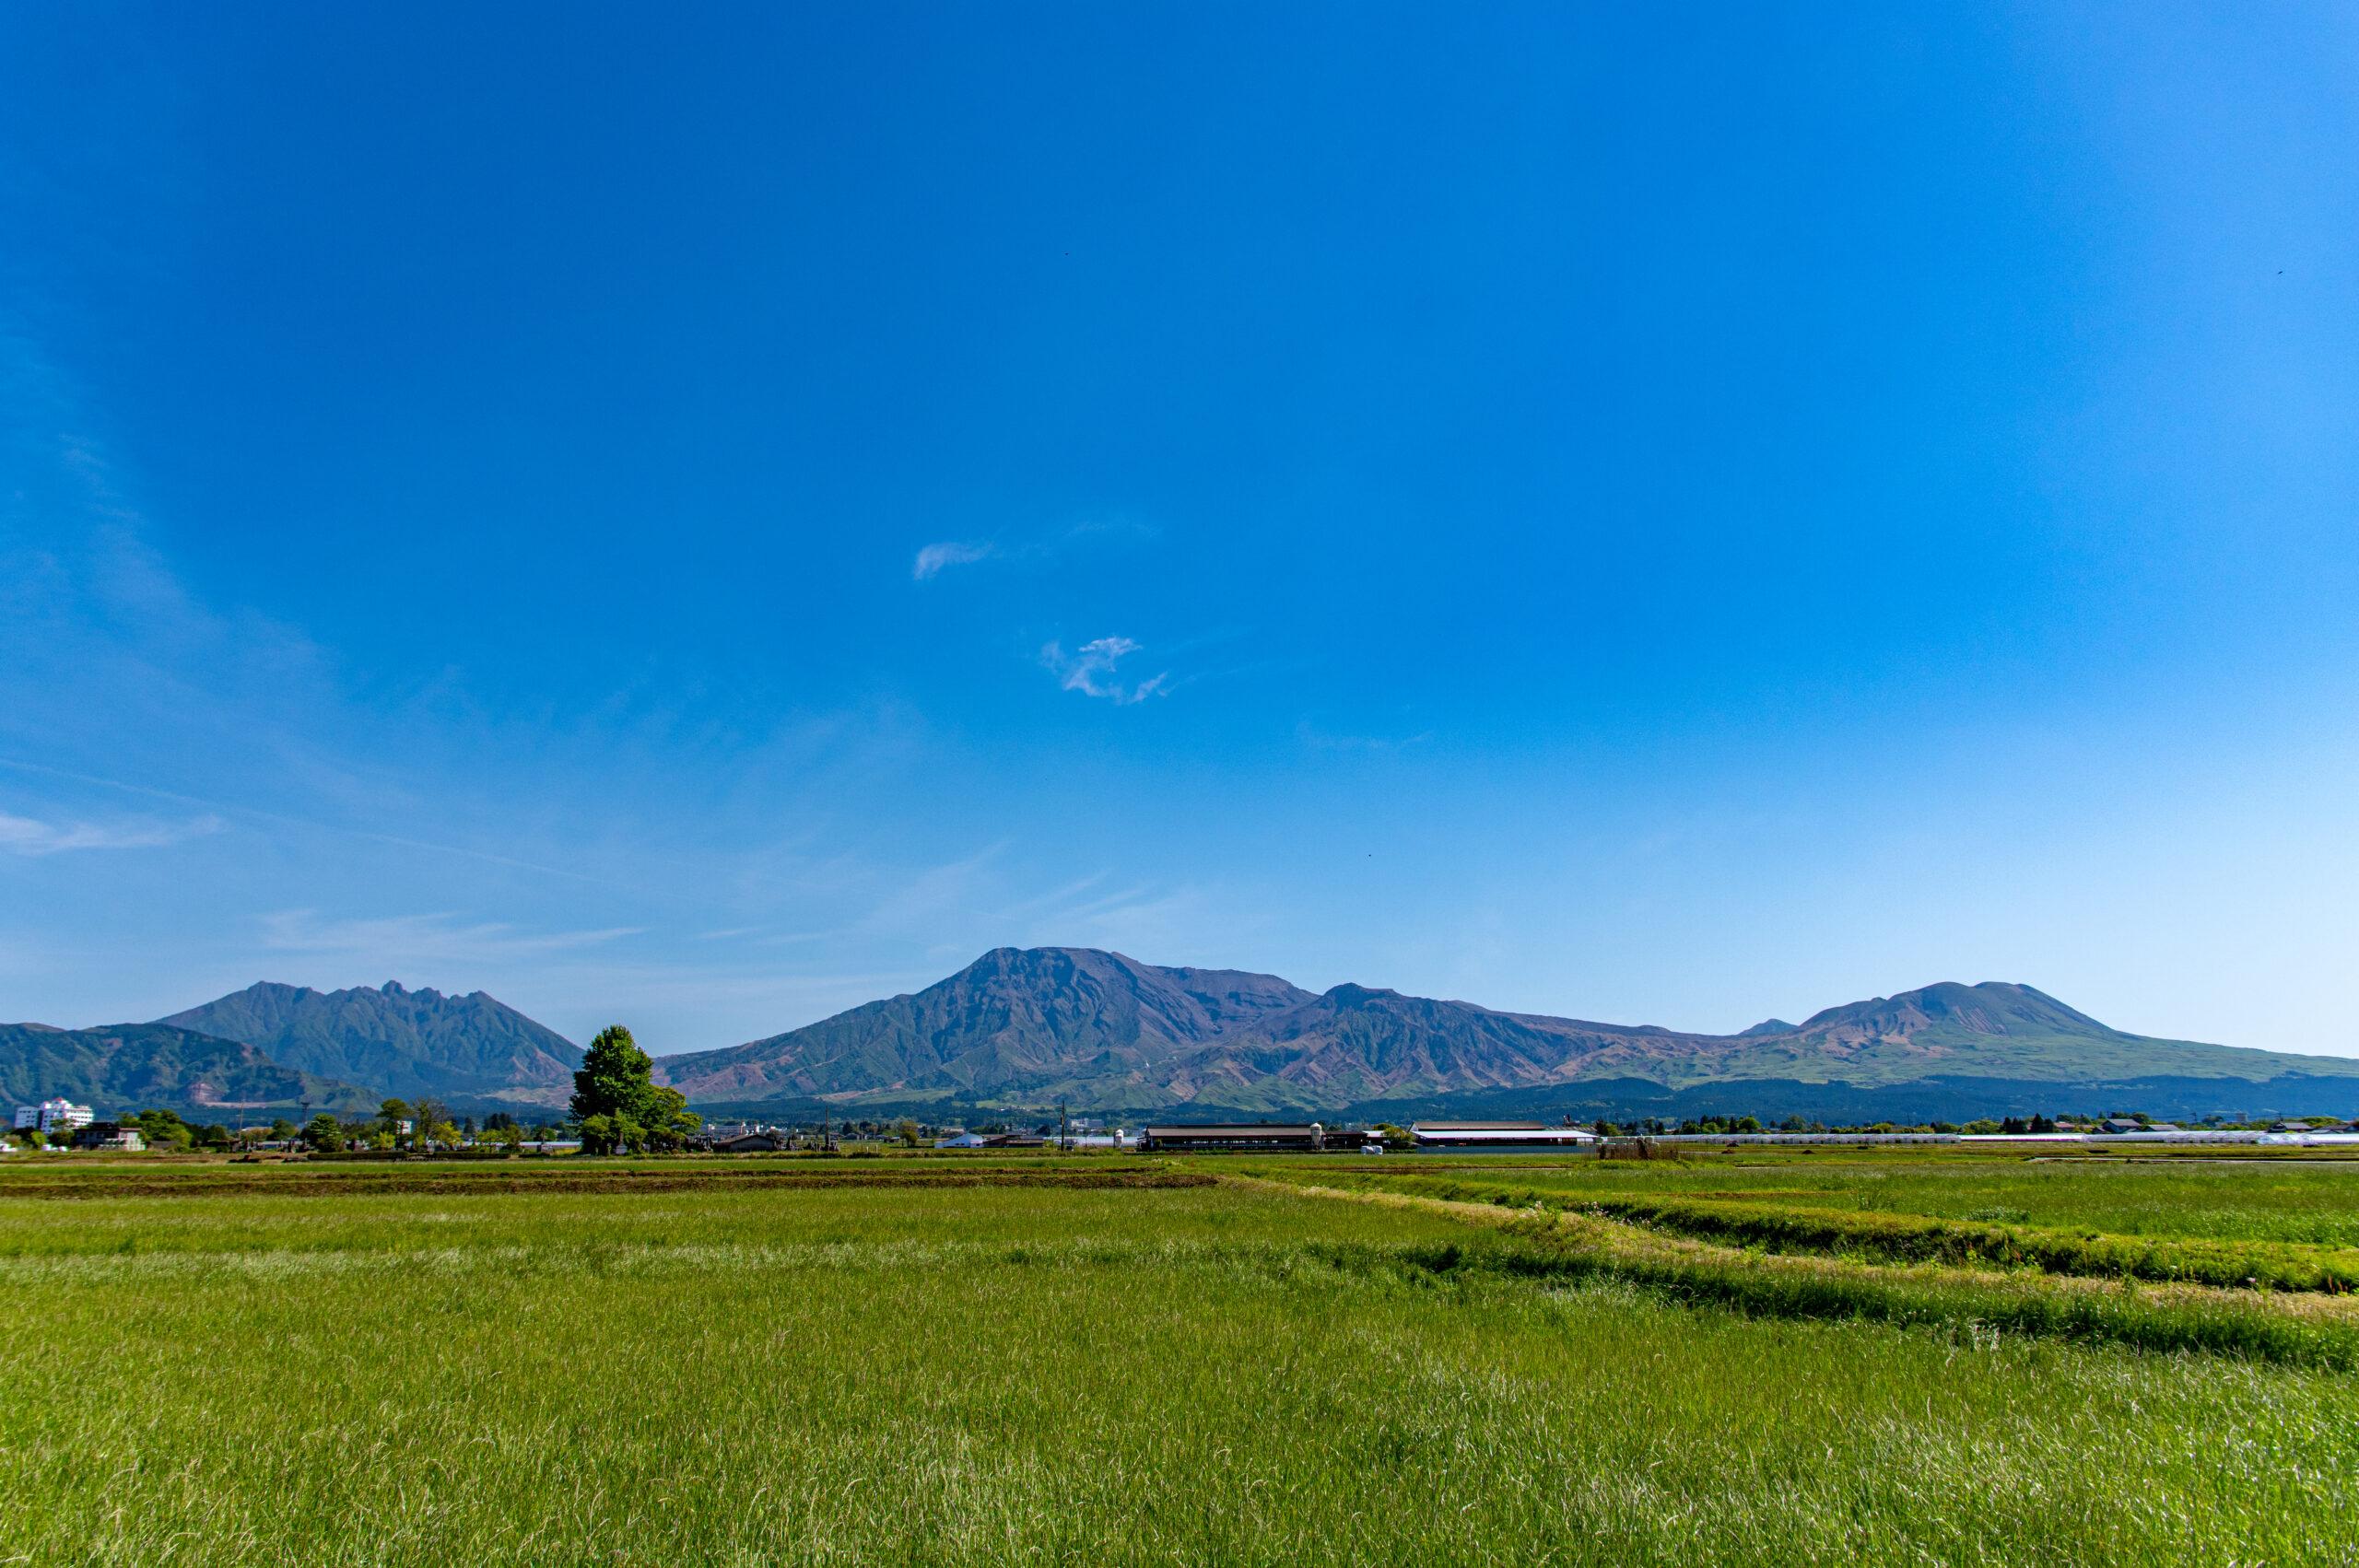 日本が誇る温泉地の別府から、阿蘇へ行ってみよう。火山の町、熊本県の阿蘇への行き方